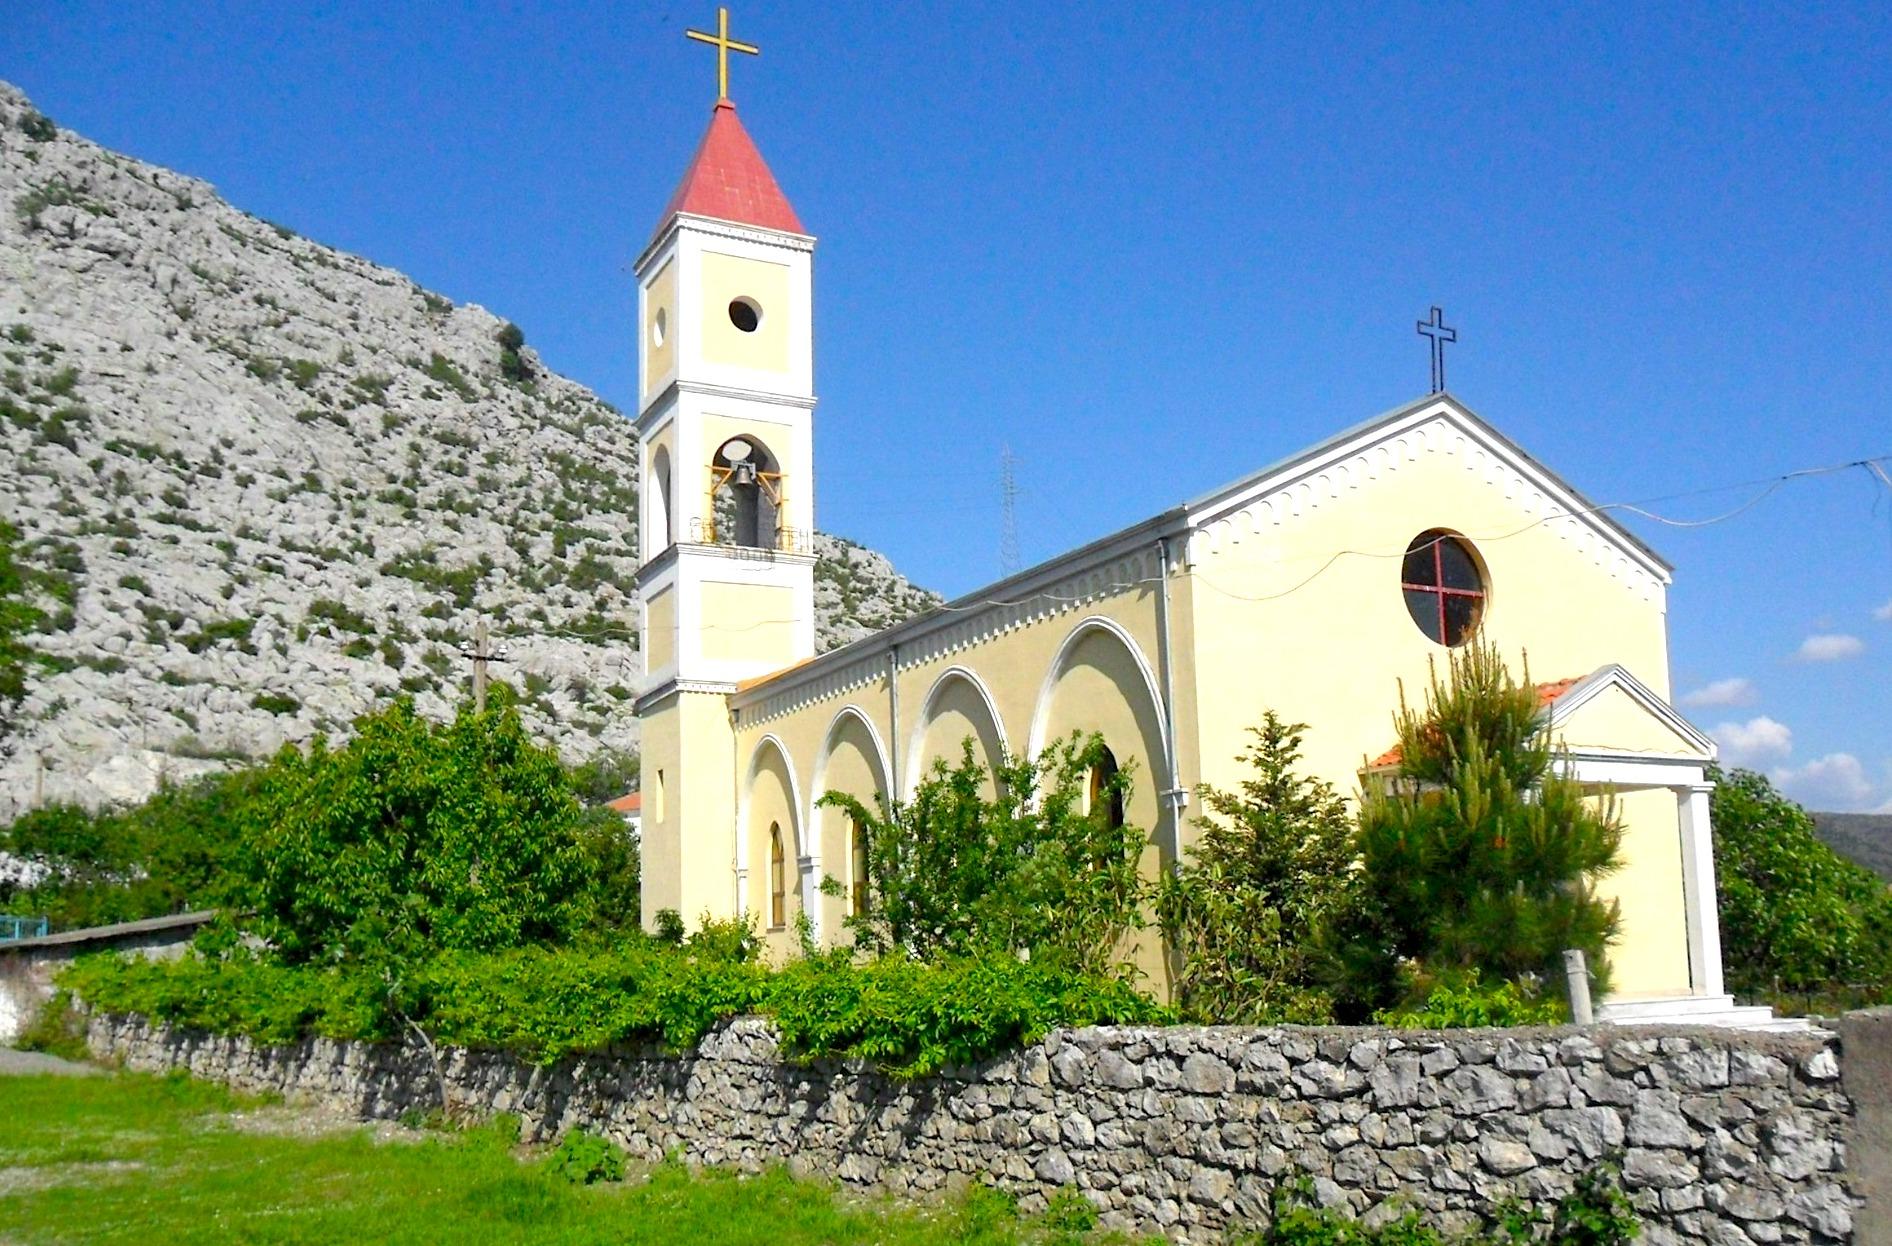 Kisha e rë e Shën Mërisë së Vaut të Dejës e ribërë mbas viteve '90 në afërsi të asaj që u hodh në erë!